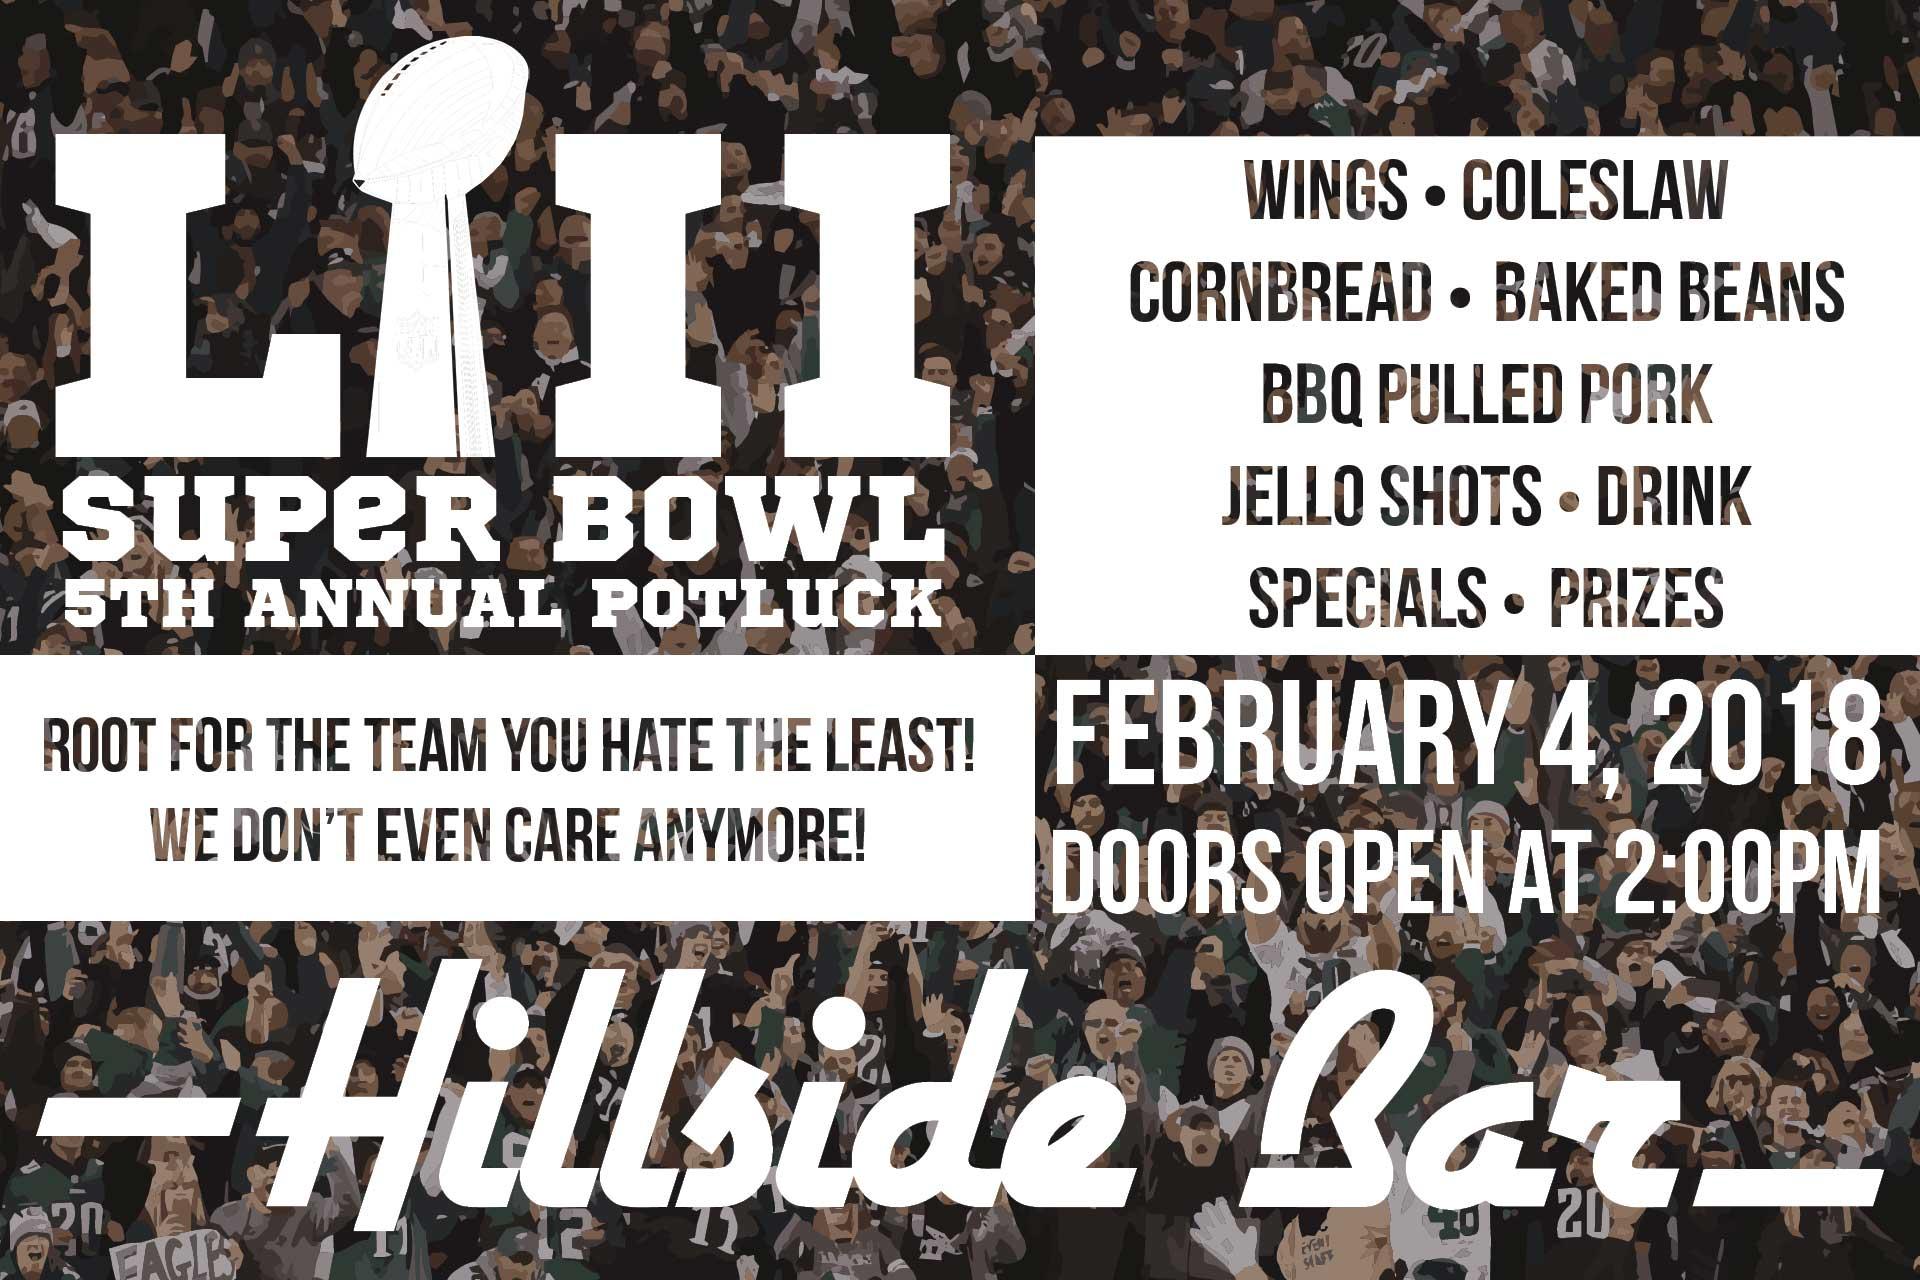 Hillside Superbowl Potluck